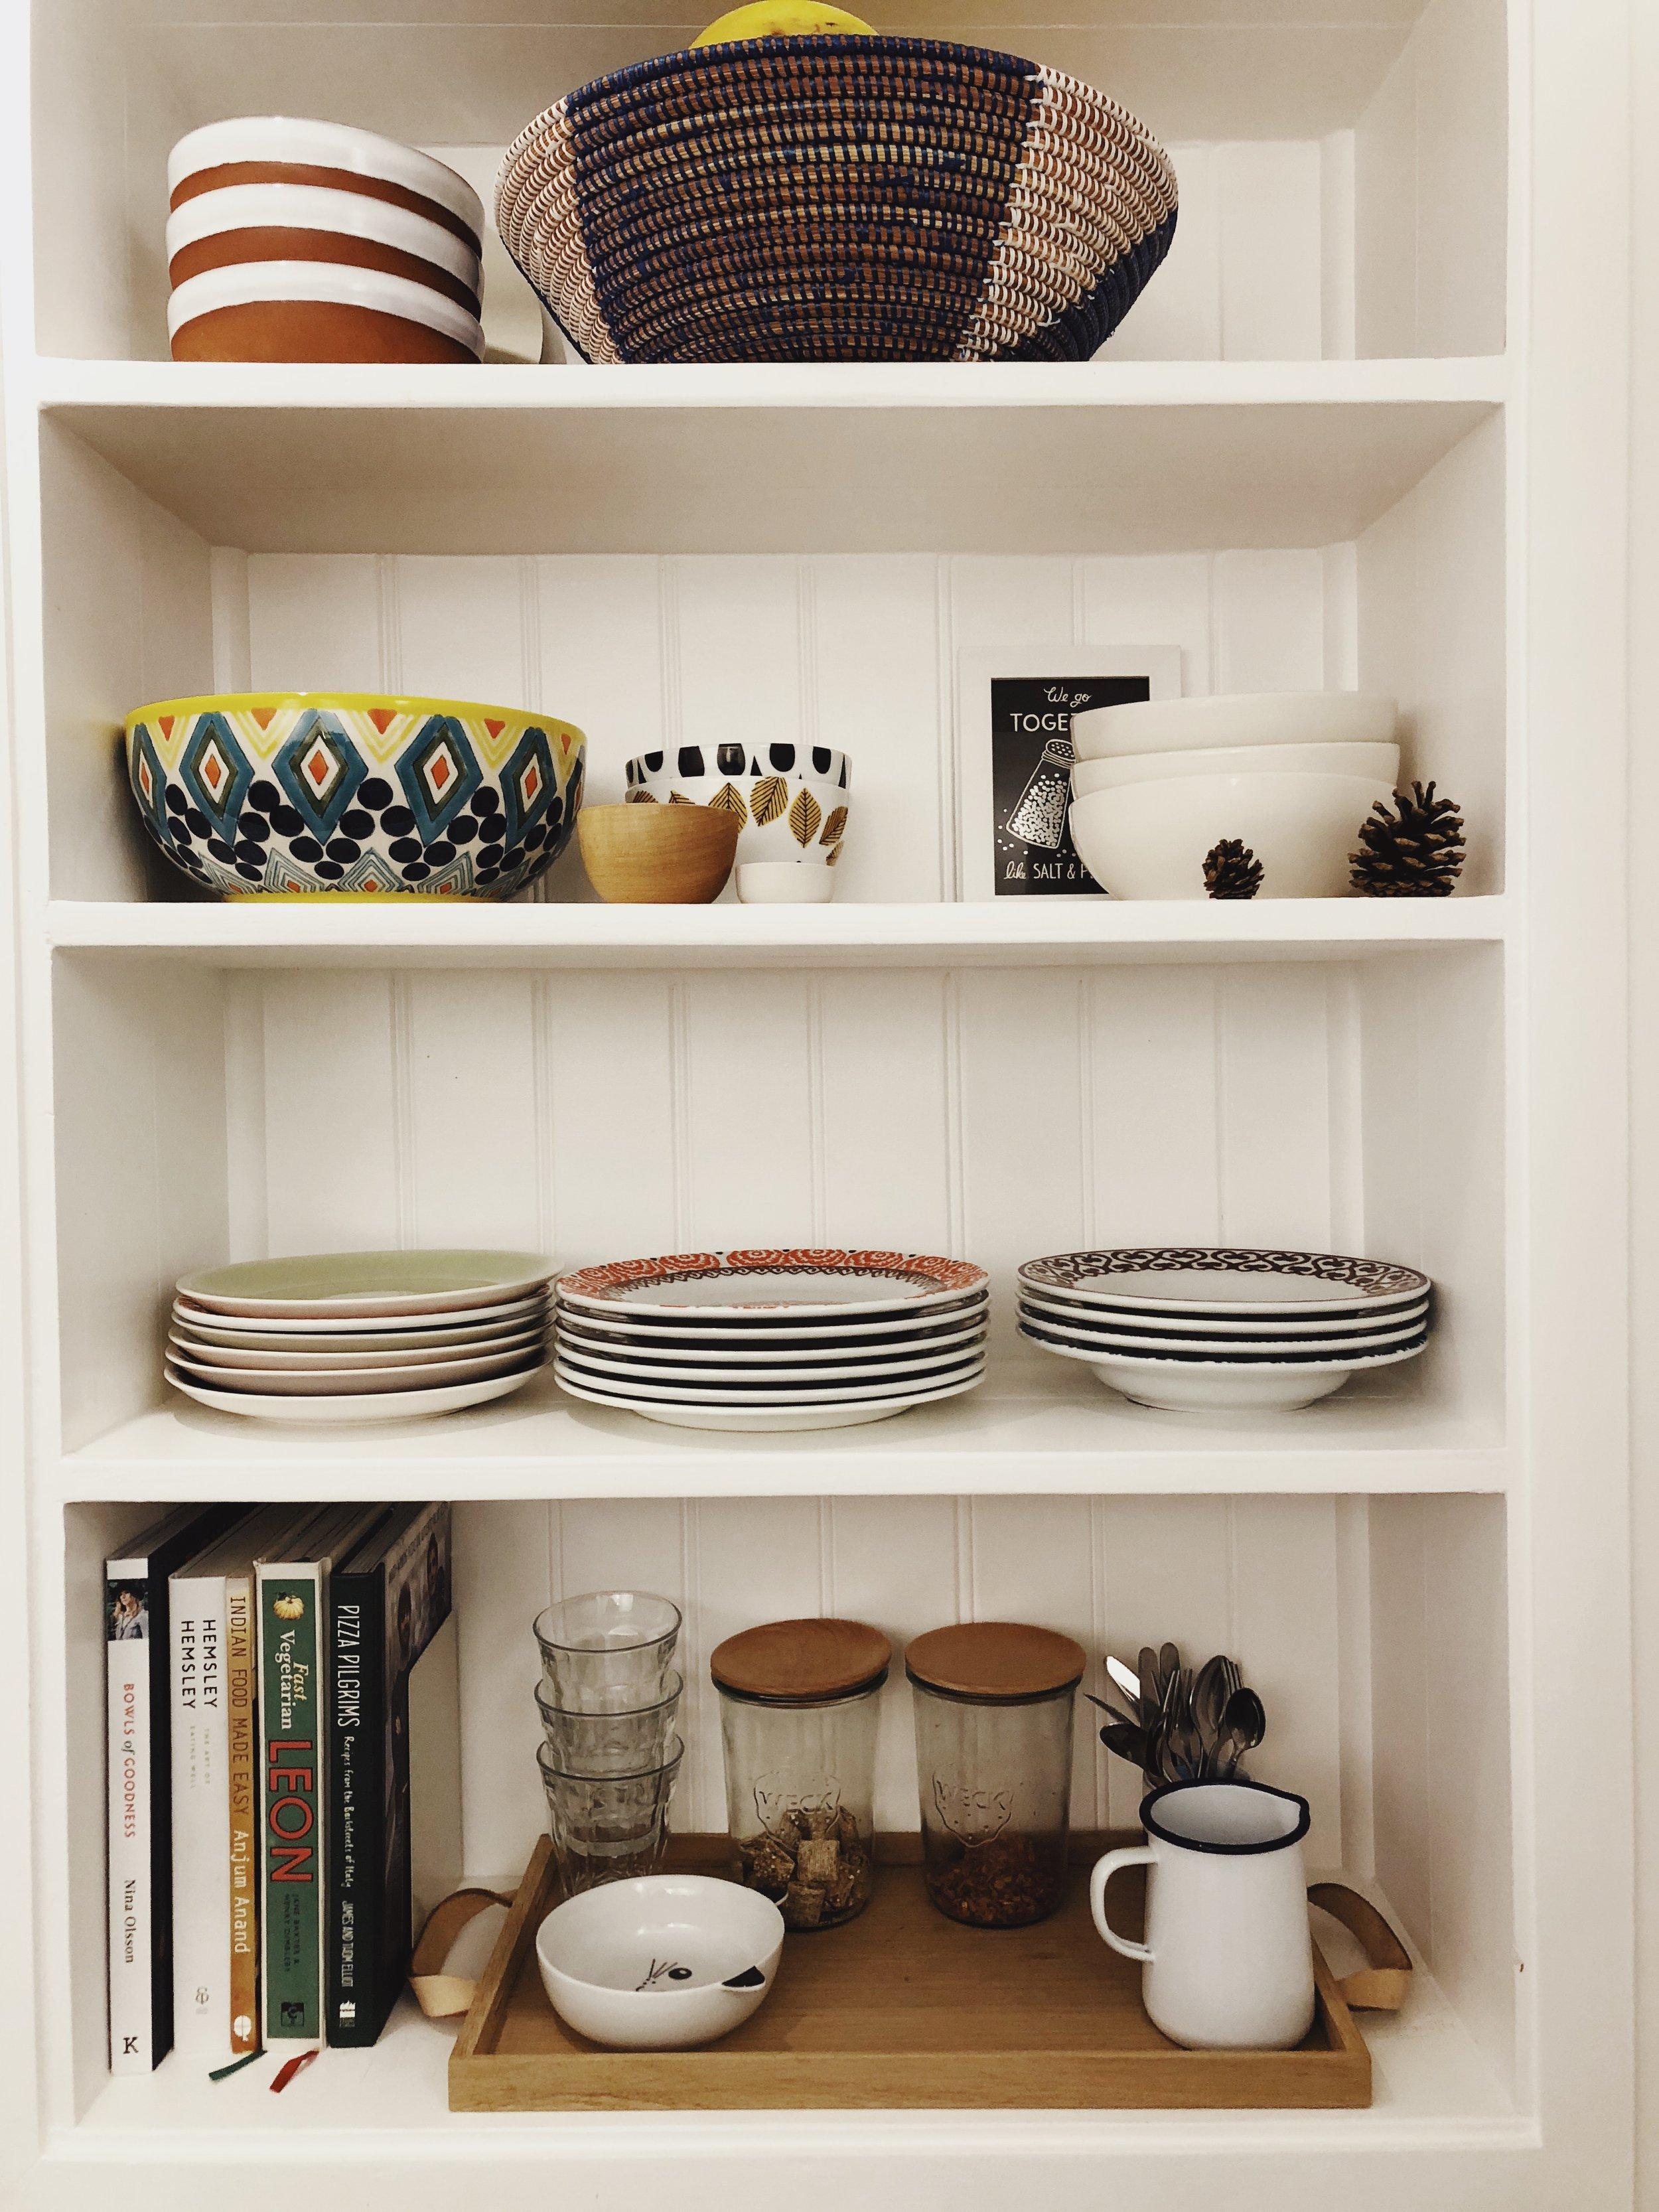 kitchen shelves open shelves shelf styling kitchen shelf ideas kitchen shelf styling open shelves kitchen small kitchen tiny kitchen maximise space ourstorytime.co.uk